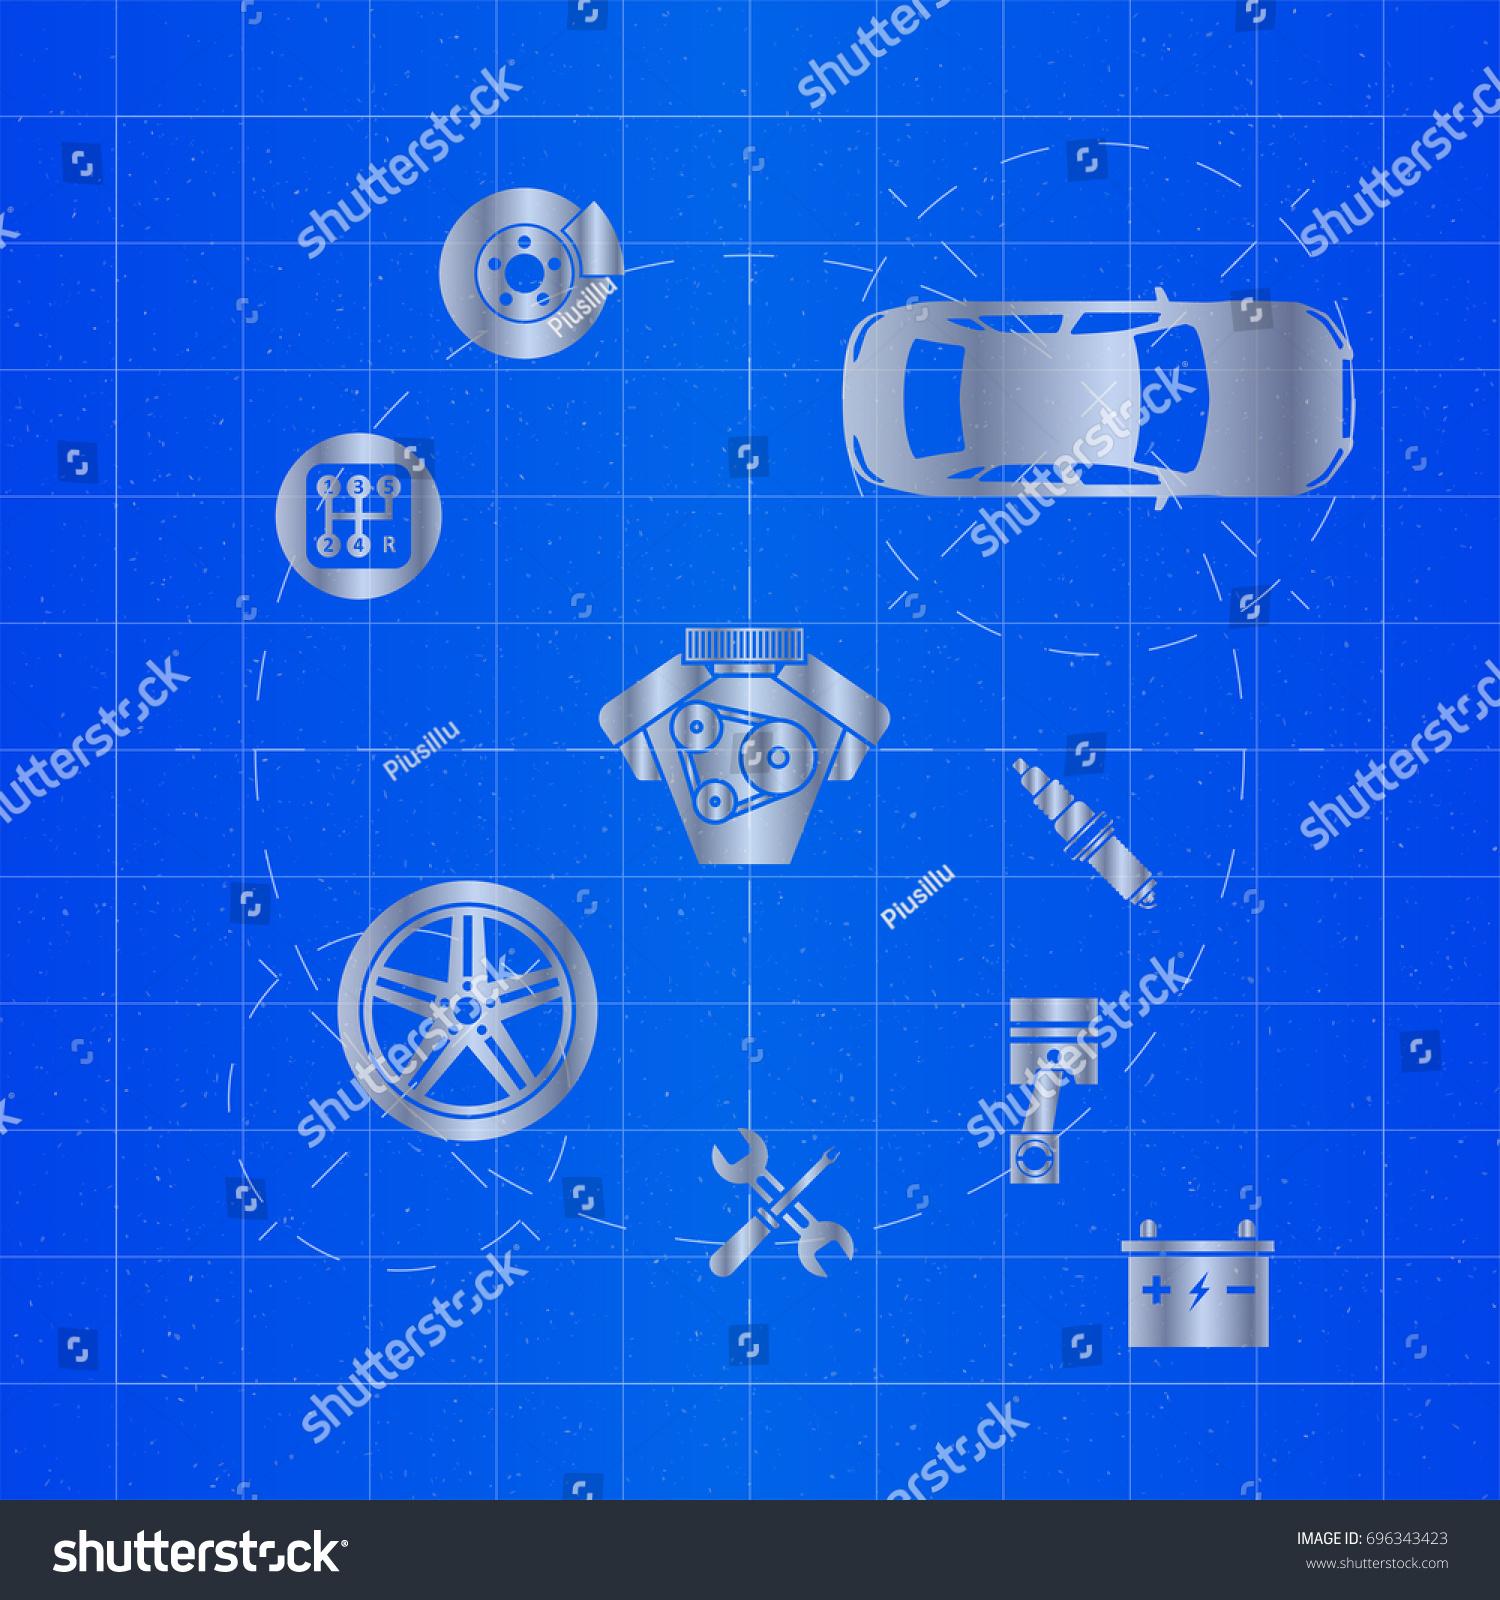 Car parts on blueprint vectores en stock 696343423 shutterstock car parts on blueprint malvernweather Choice Image